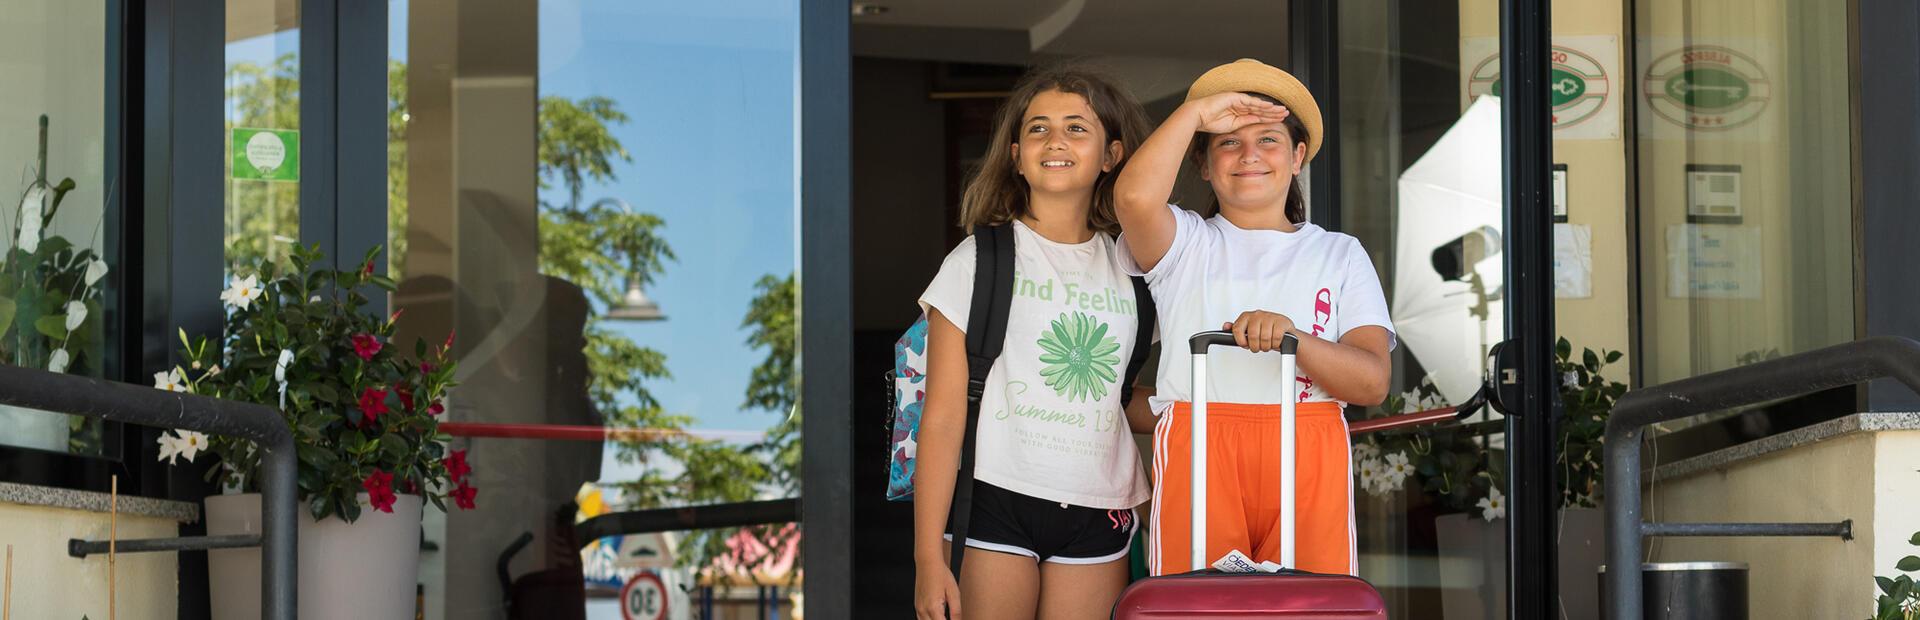 hotelgardencesenatico it hotel-all-inclusive-cesenatico 003